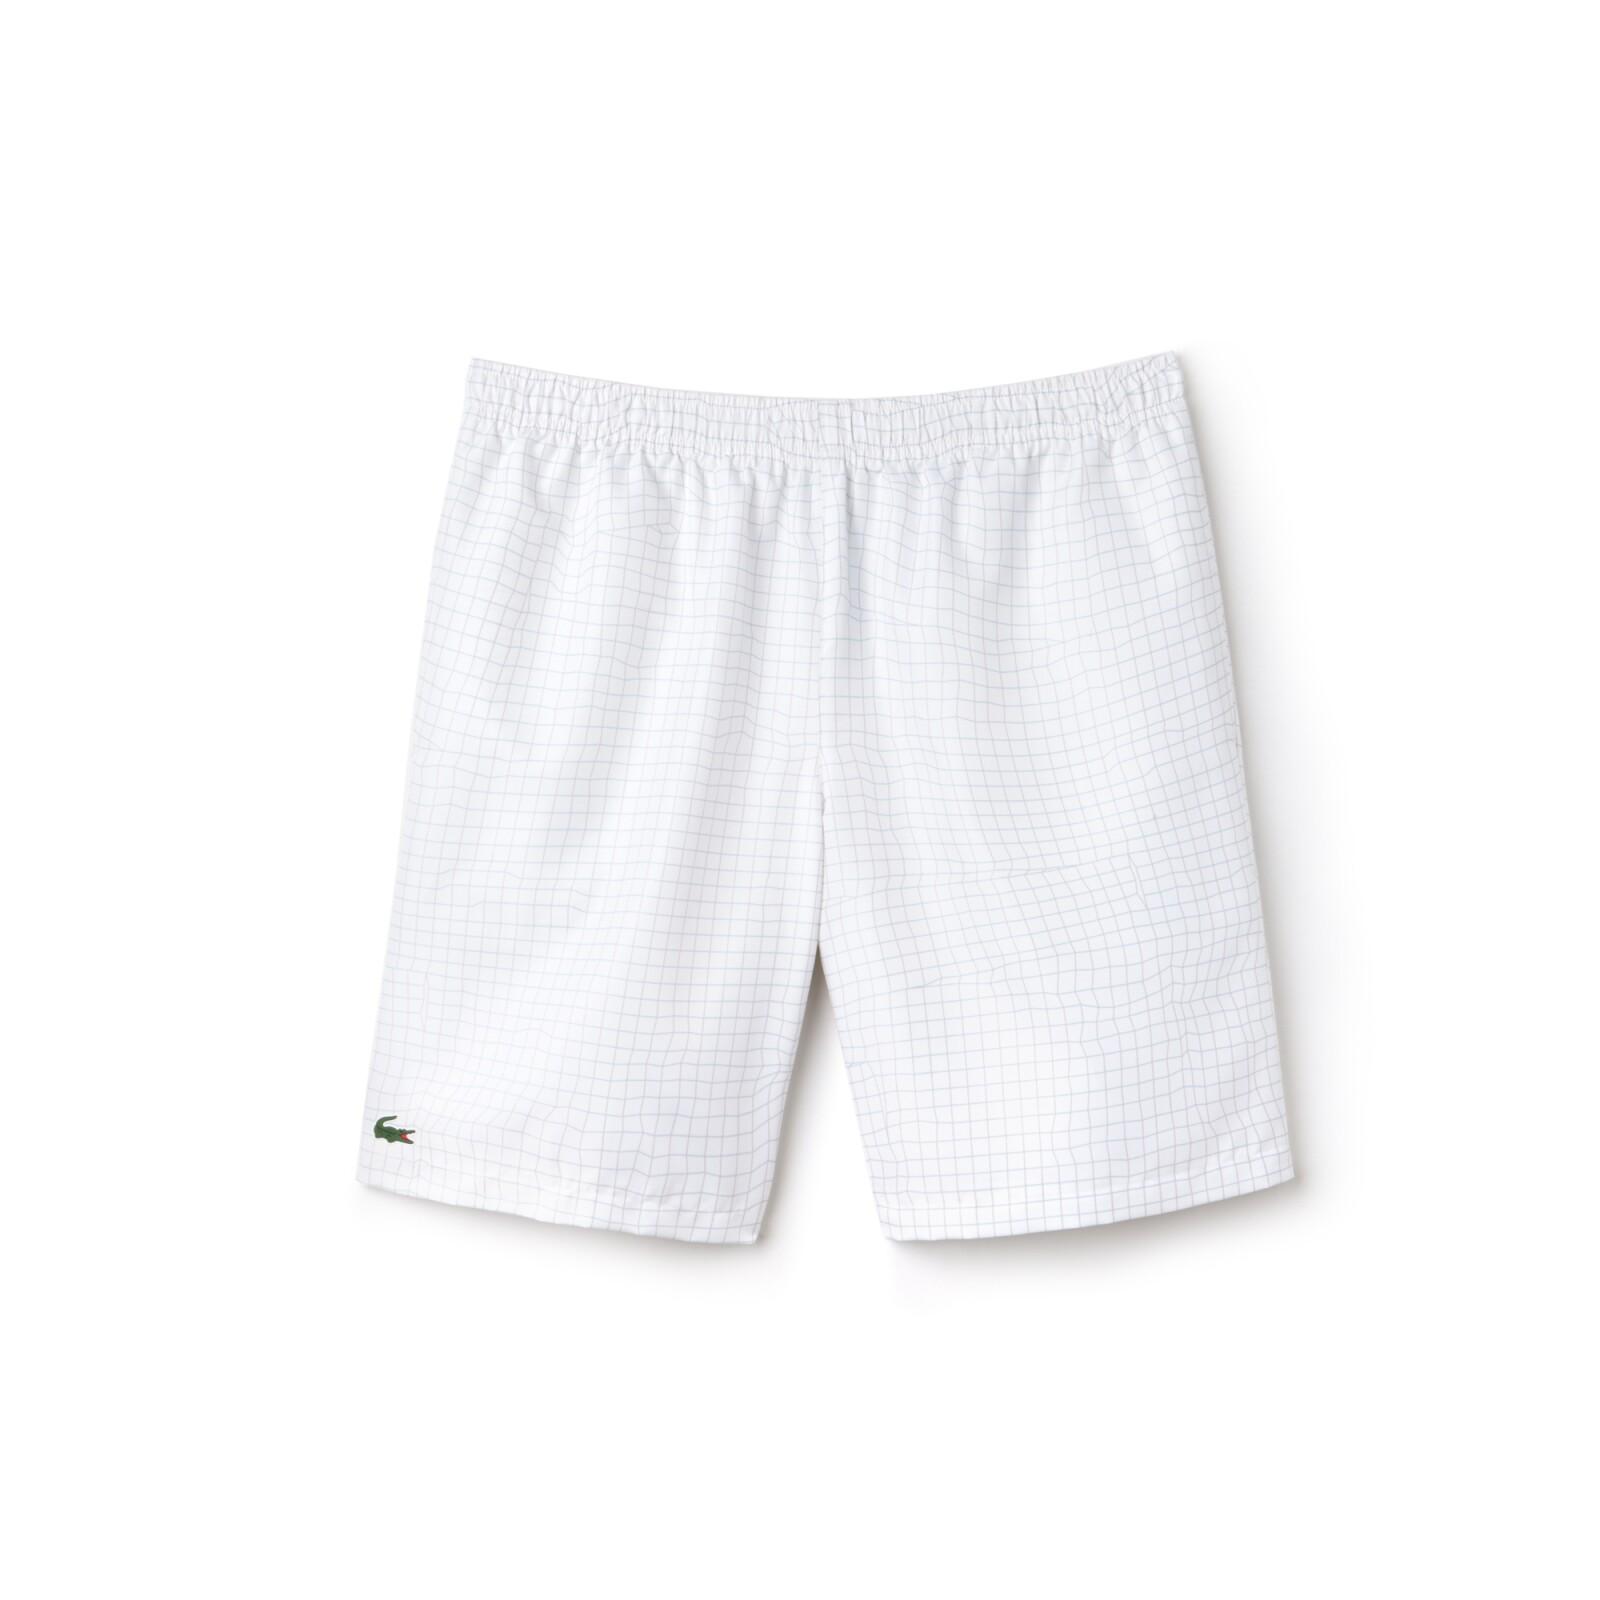 Shorts con estampado para jugar golf